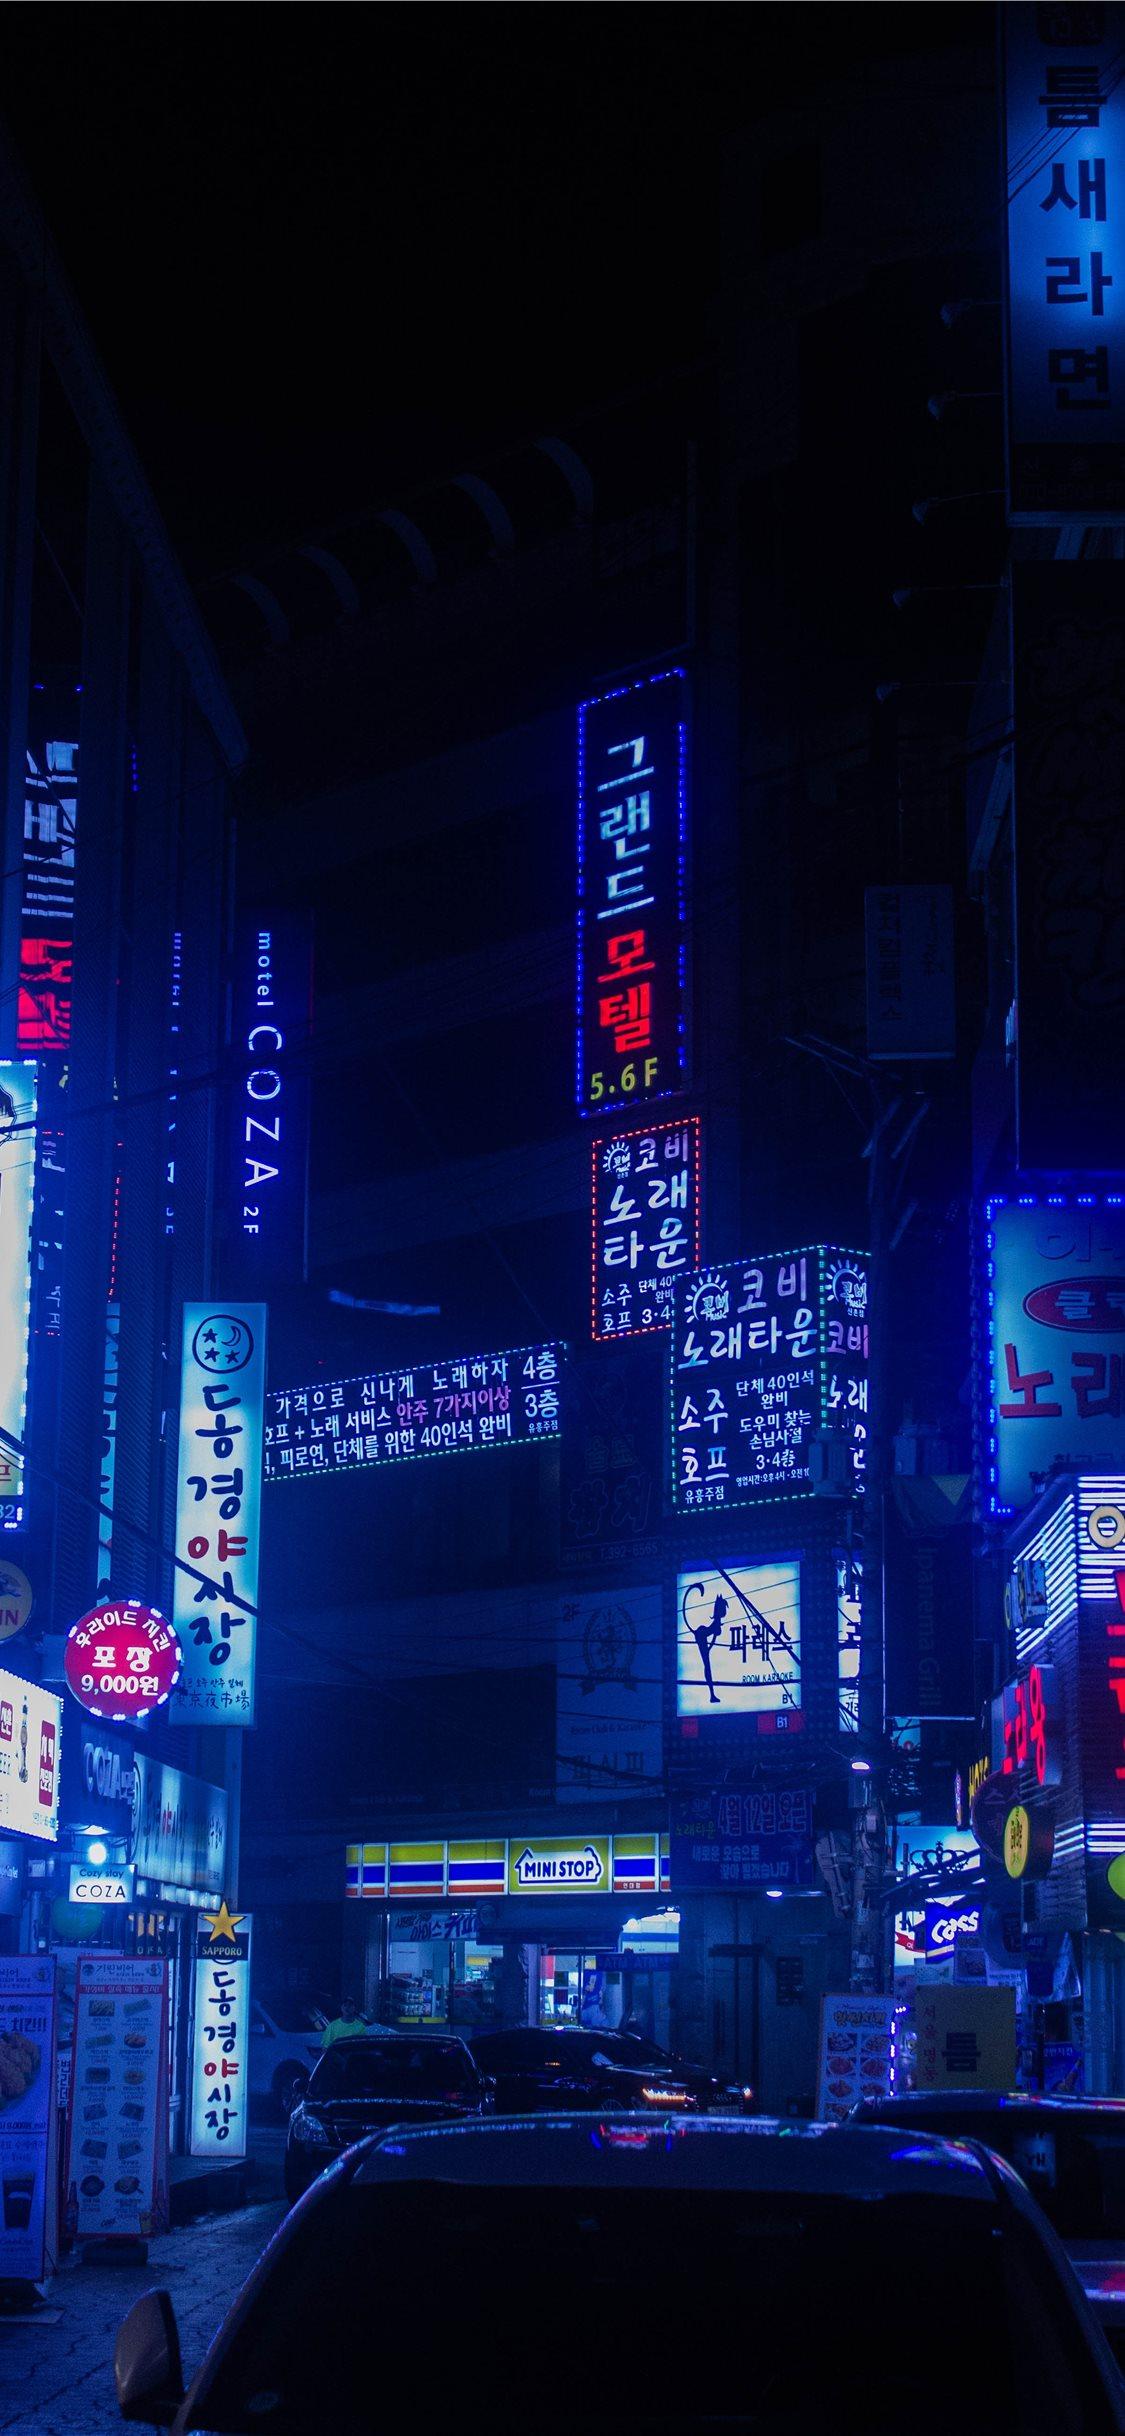 Unduh 550 Koleksi Wallpaper Iphone Neon Gambar HD Terbaik